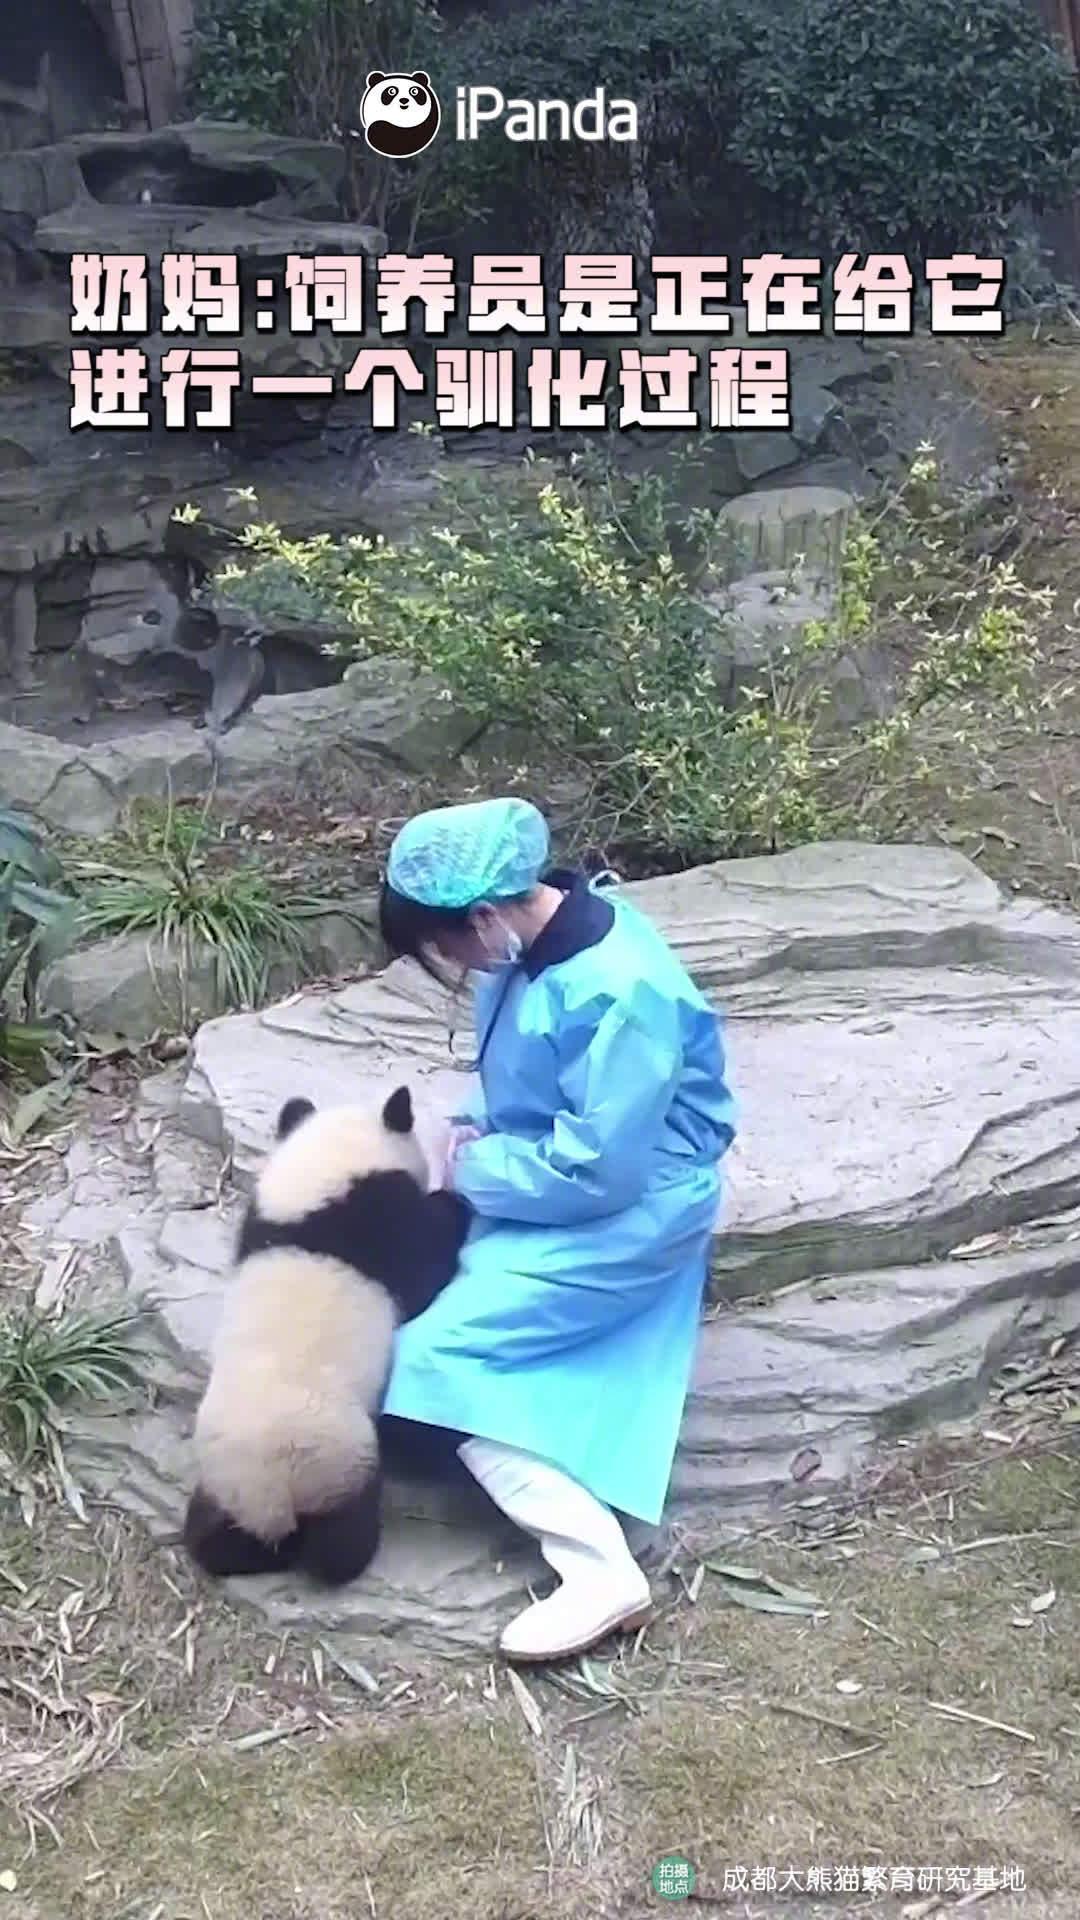 奶妈为了熊孩子的身体健康也真是煞费苦心。请问需要助手吗